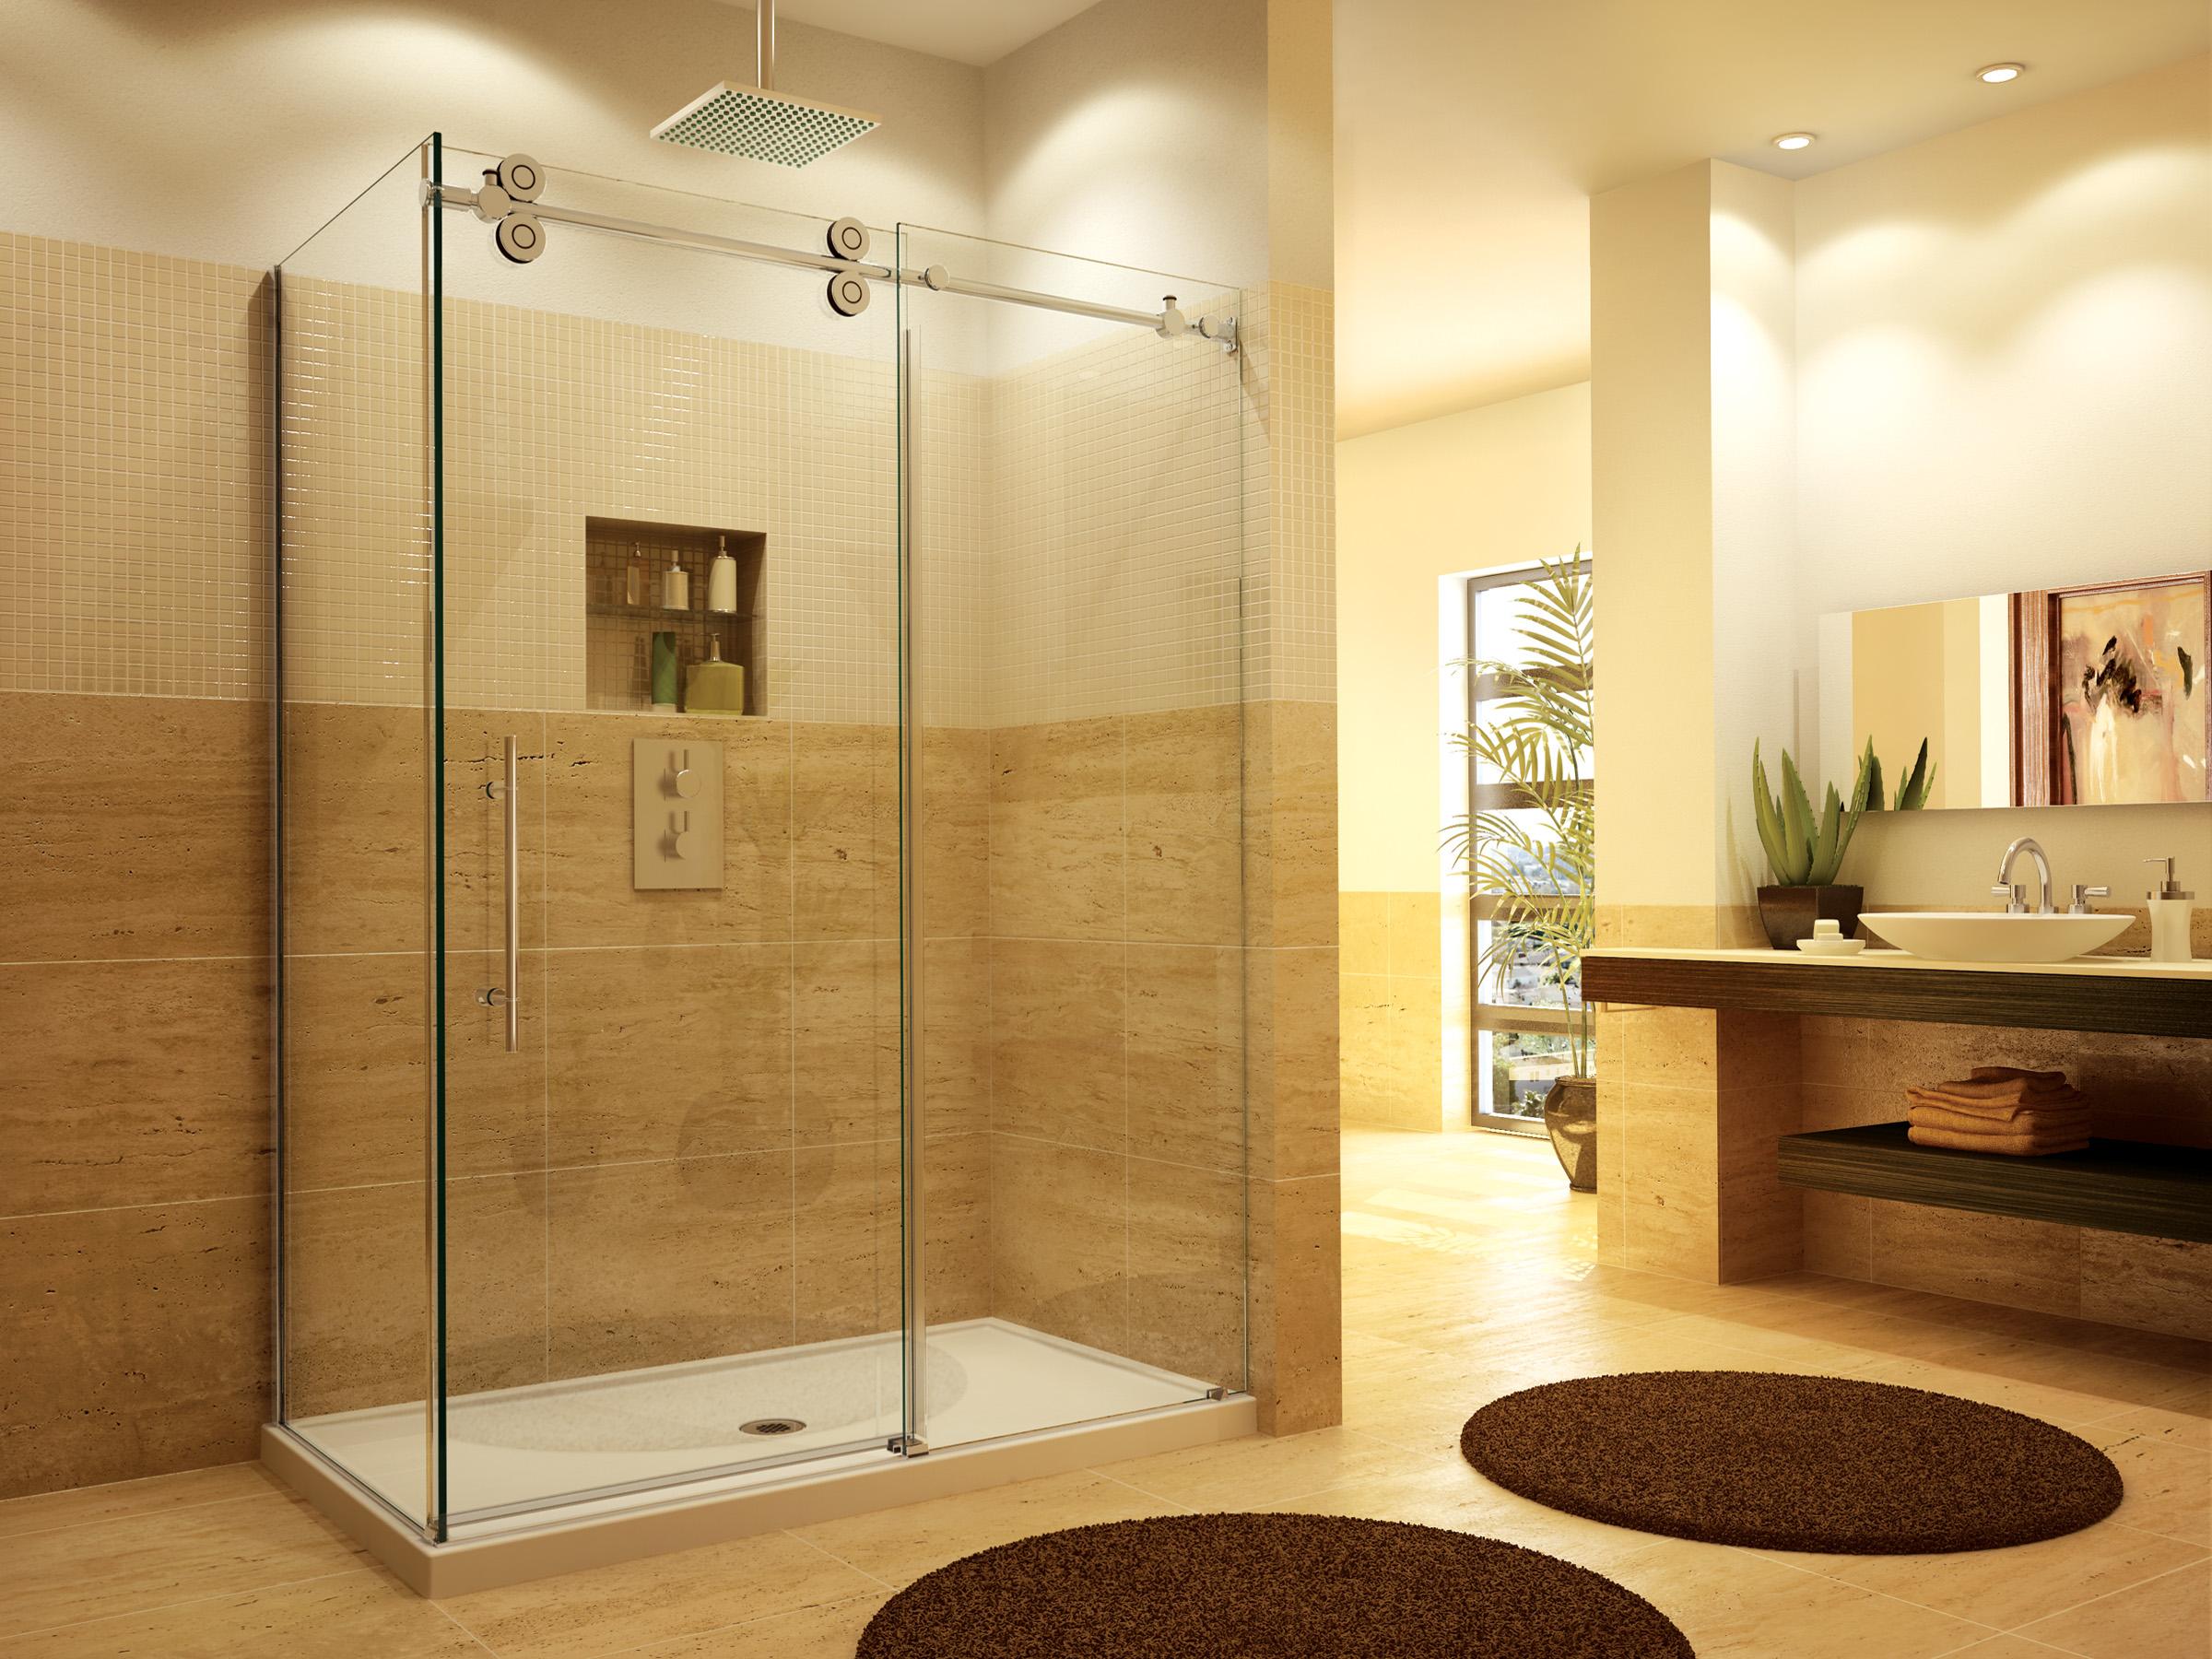 frameless-glass-shower-doors-23